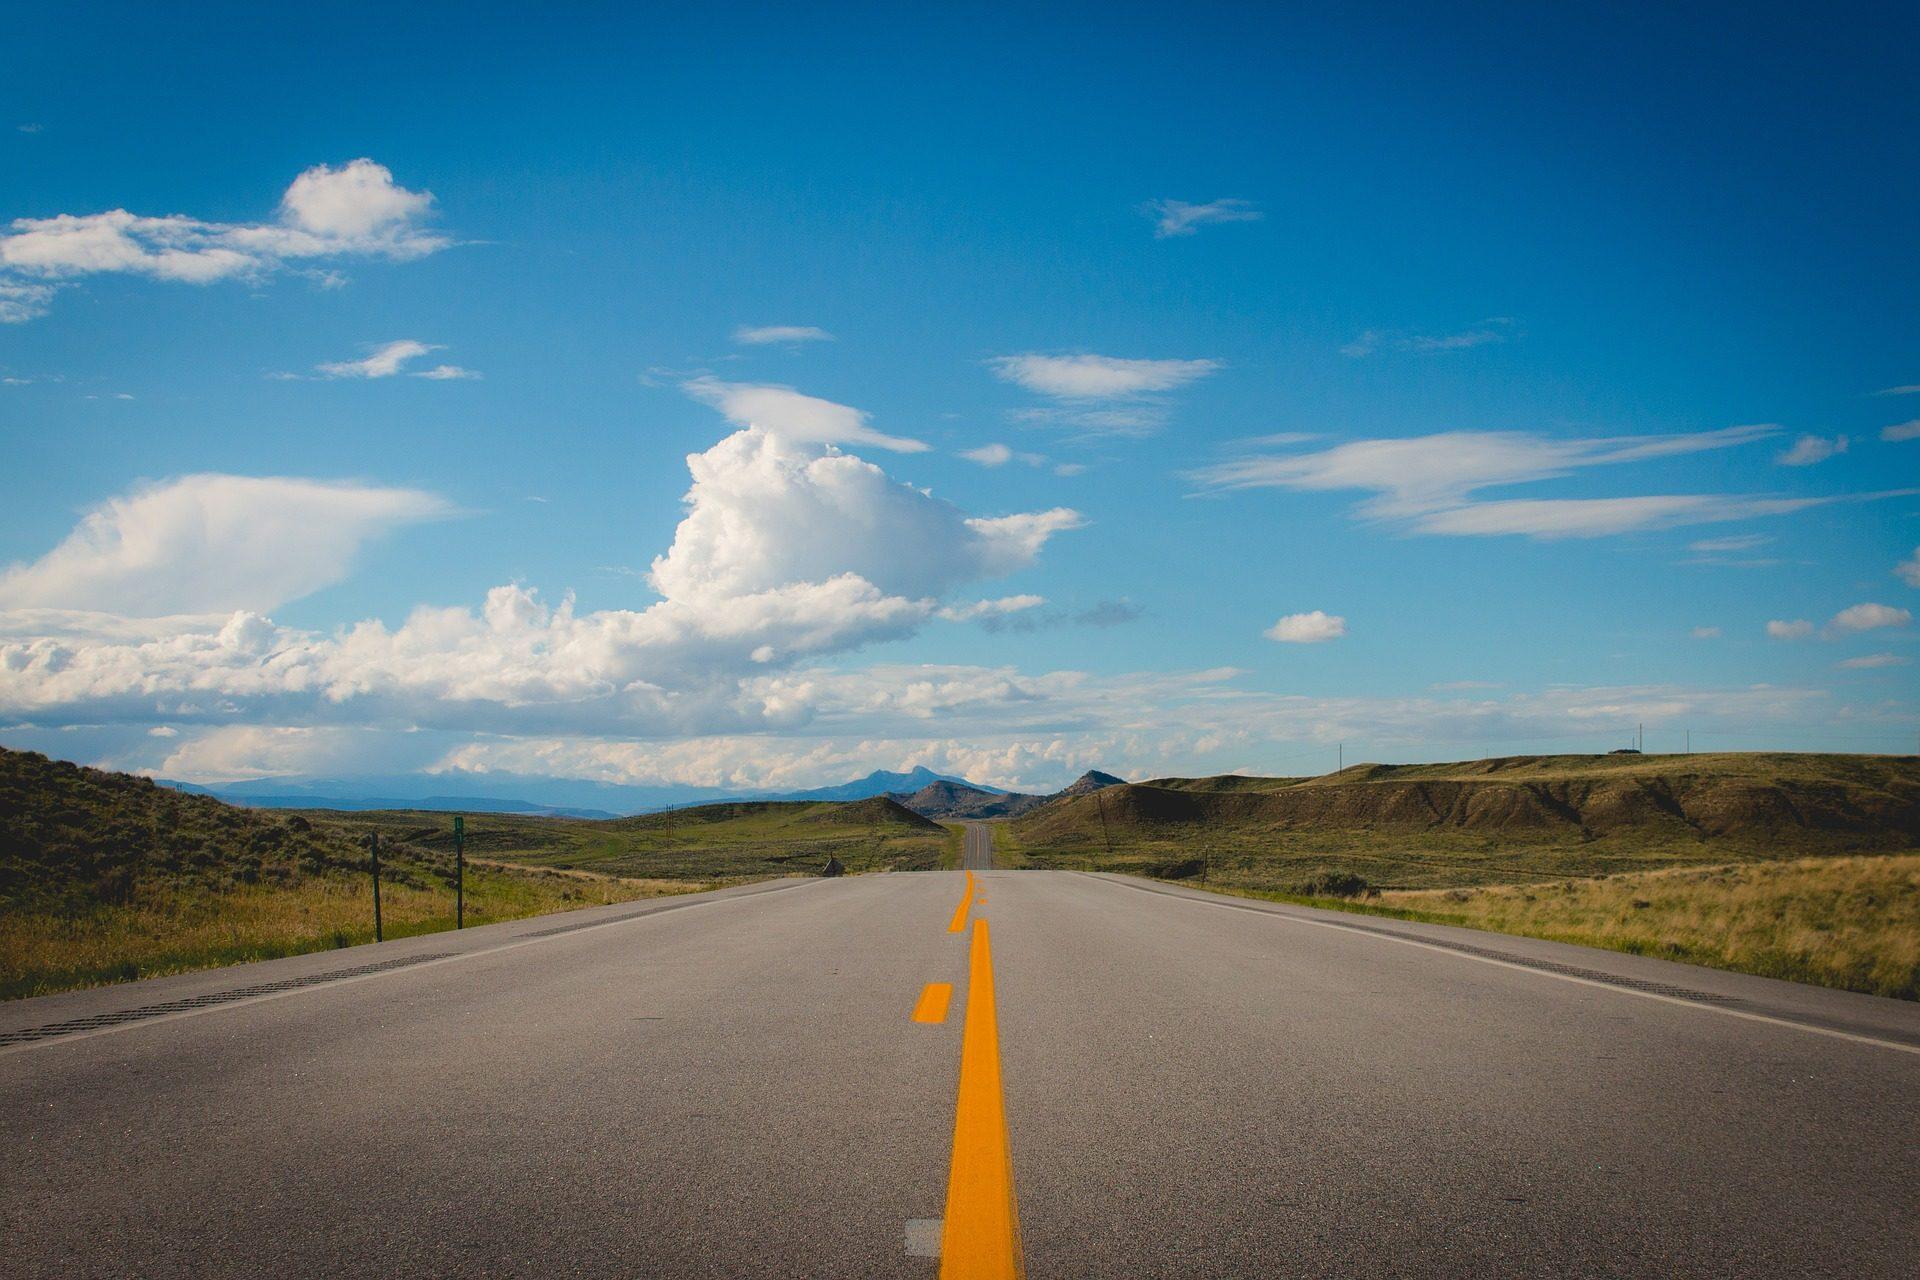 Estrada, em linha reta, asfalto, Vale, montañas, pintado, nuvens - Papéis de parede HD - Professor-falken.com